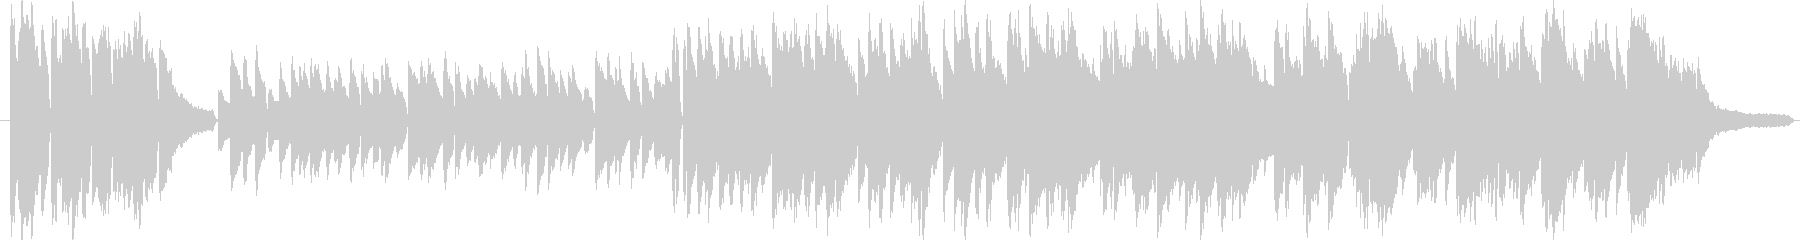 ラジオ体操風です。ピアノのみ テンポの…の未再生の波形